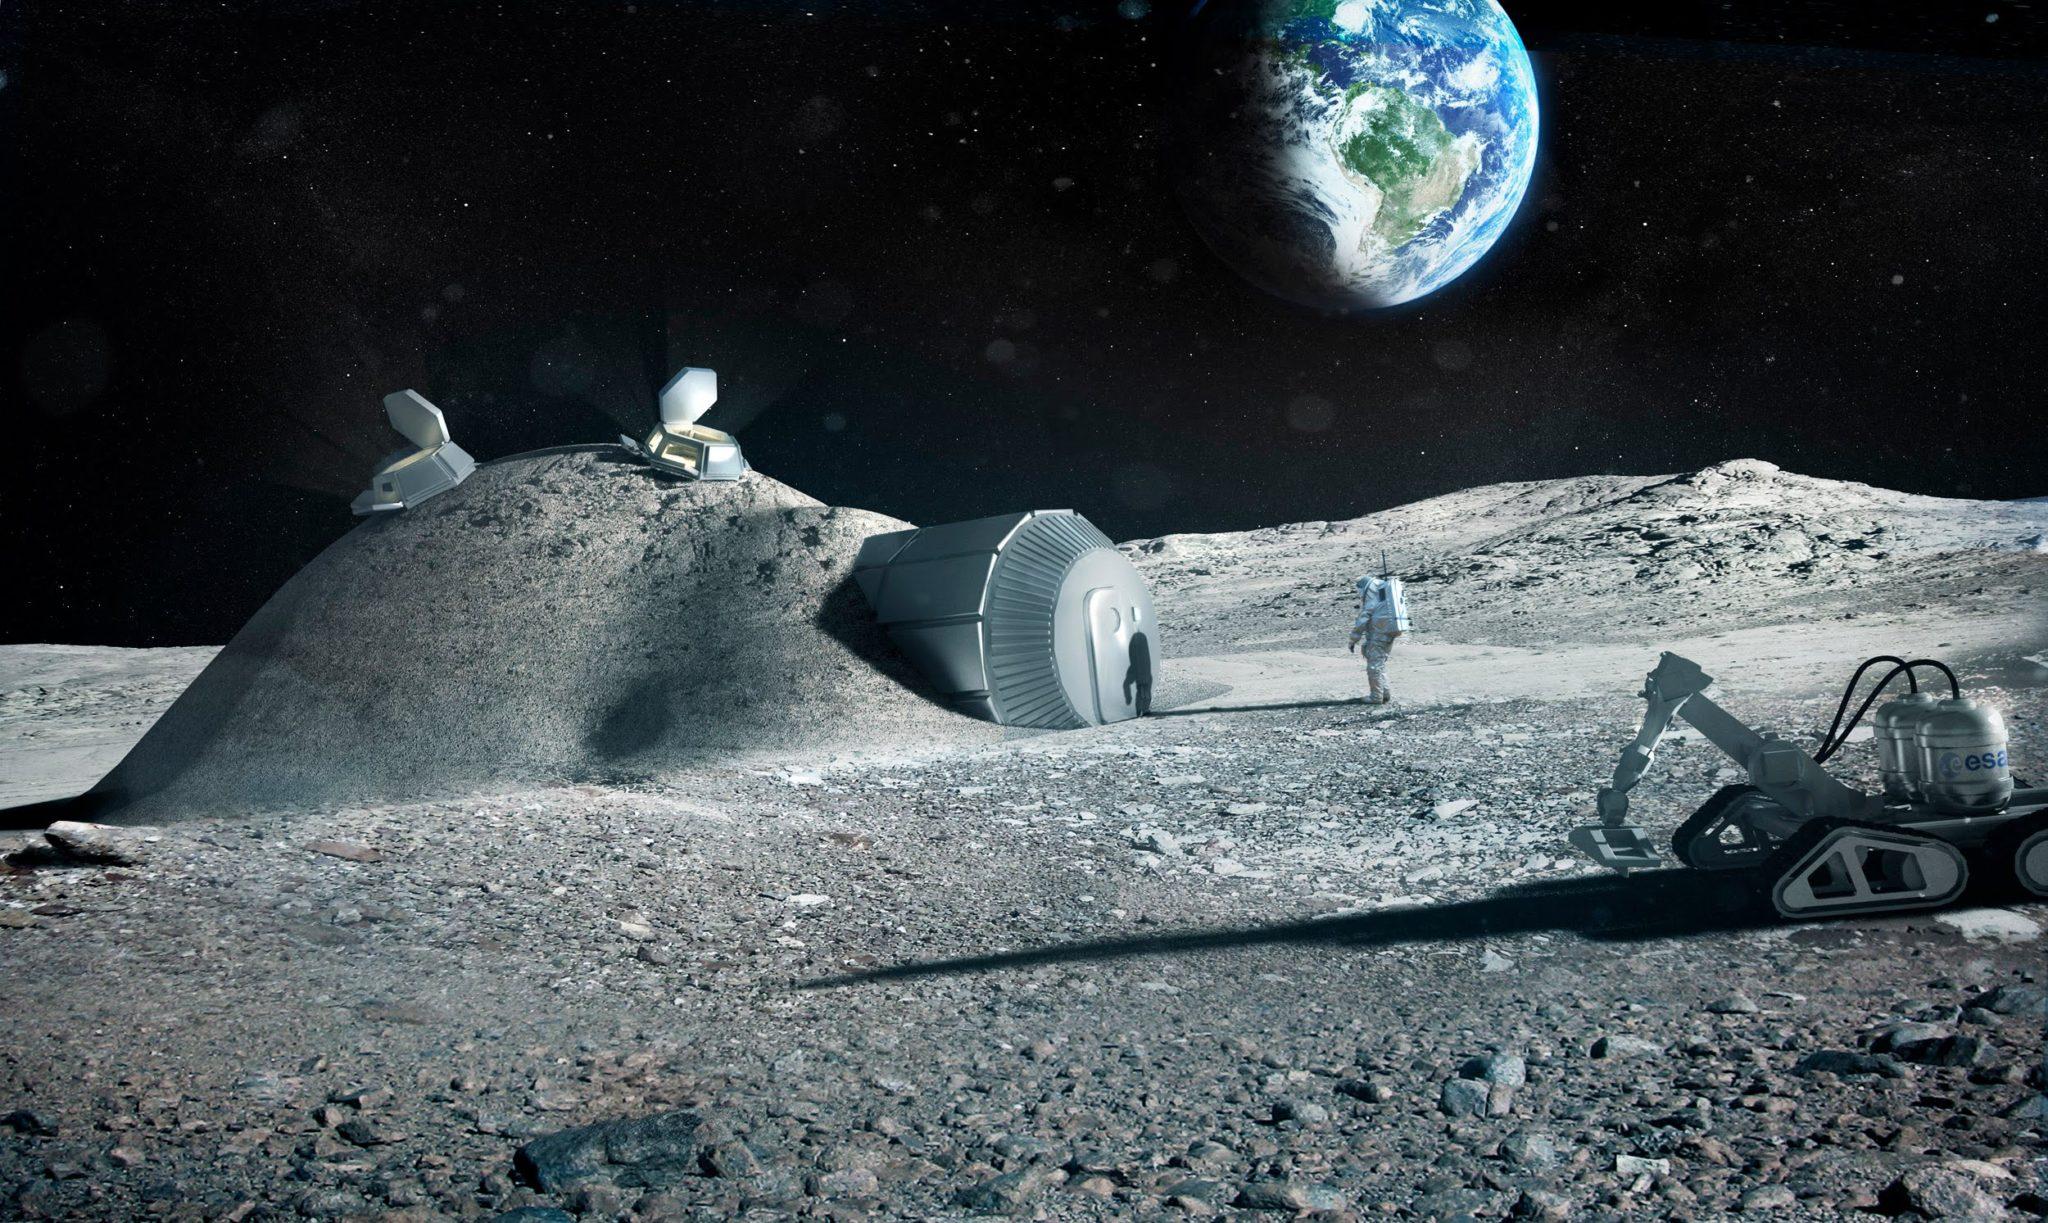 Randki z kraterami księżycowymi